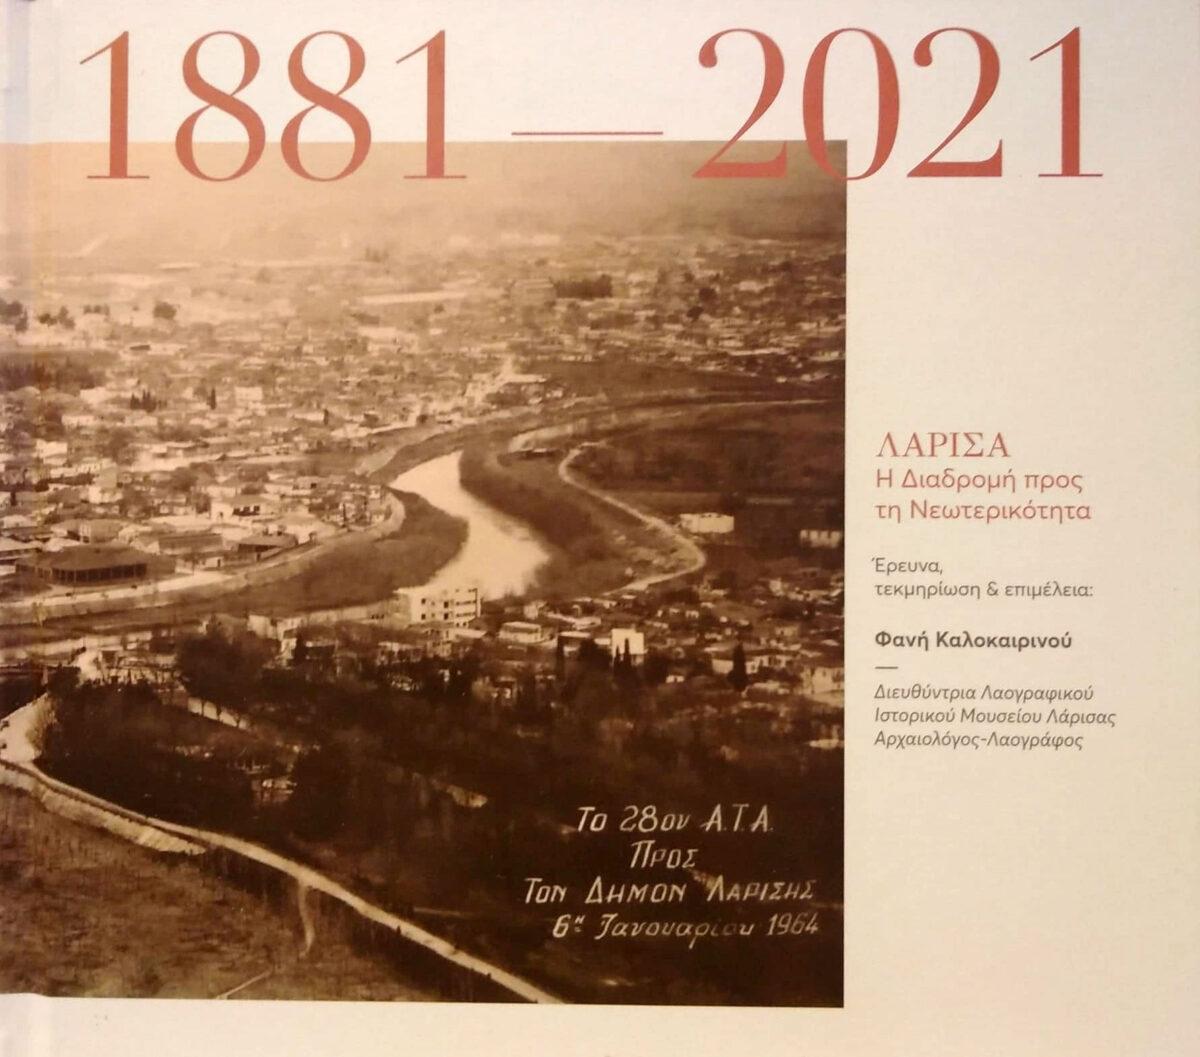 1881-2021, Λάρισα: Η διαδρομή προς τη Νεωτερικότητα